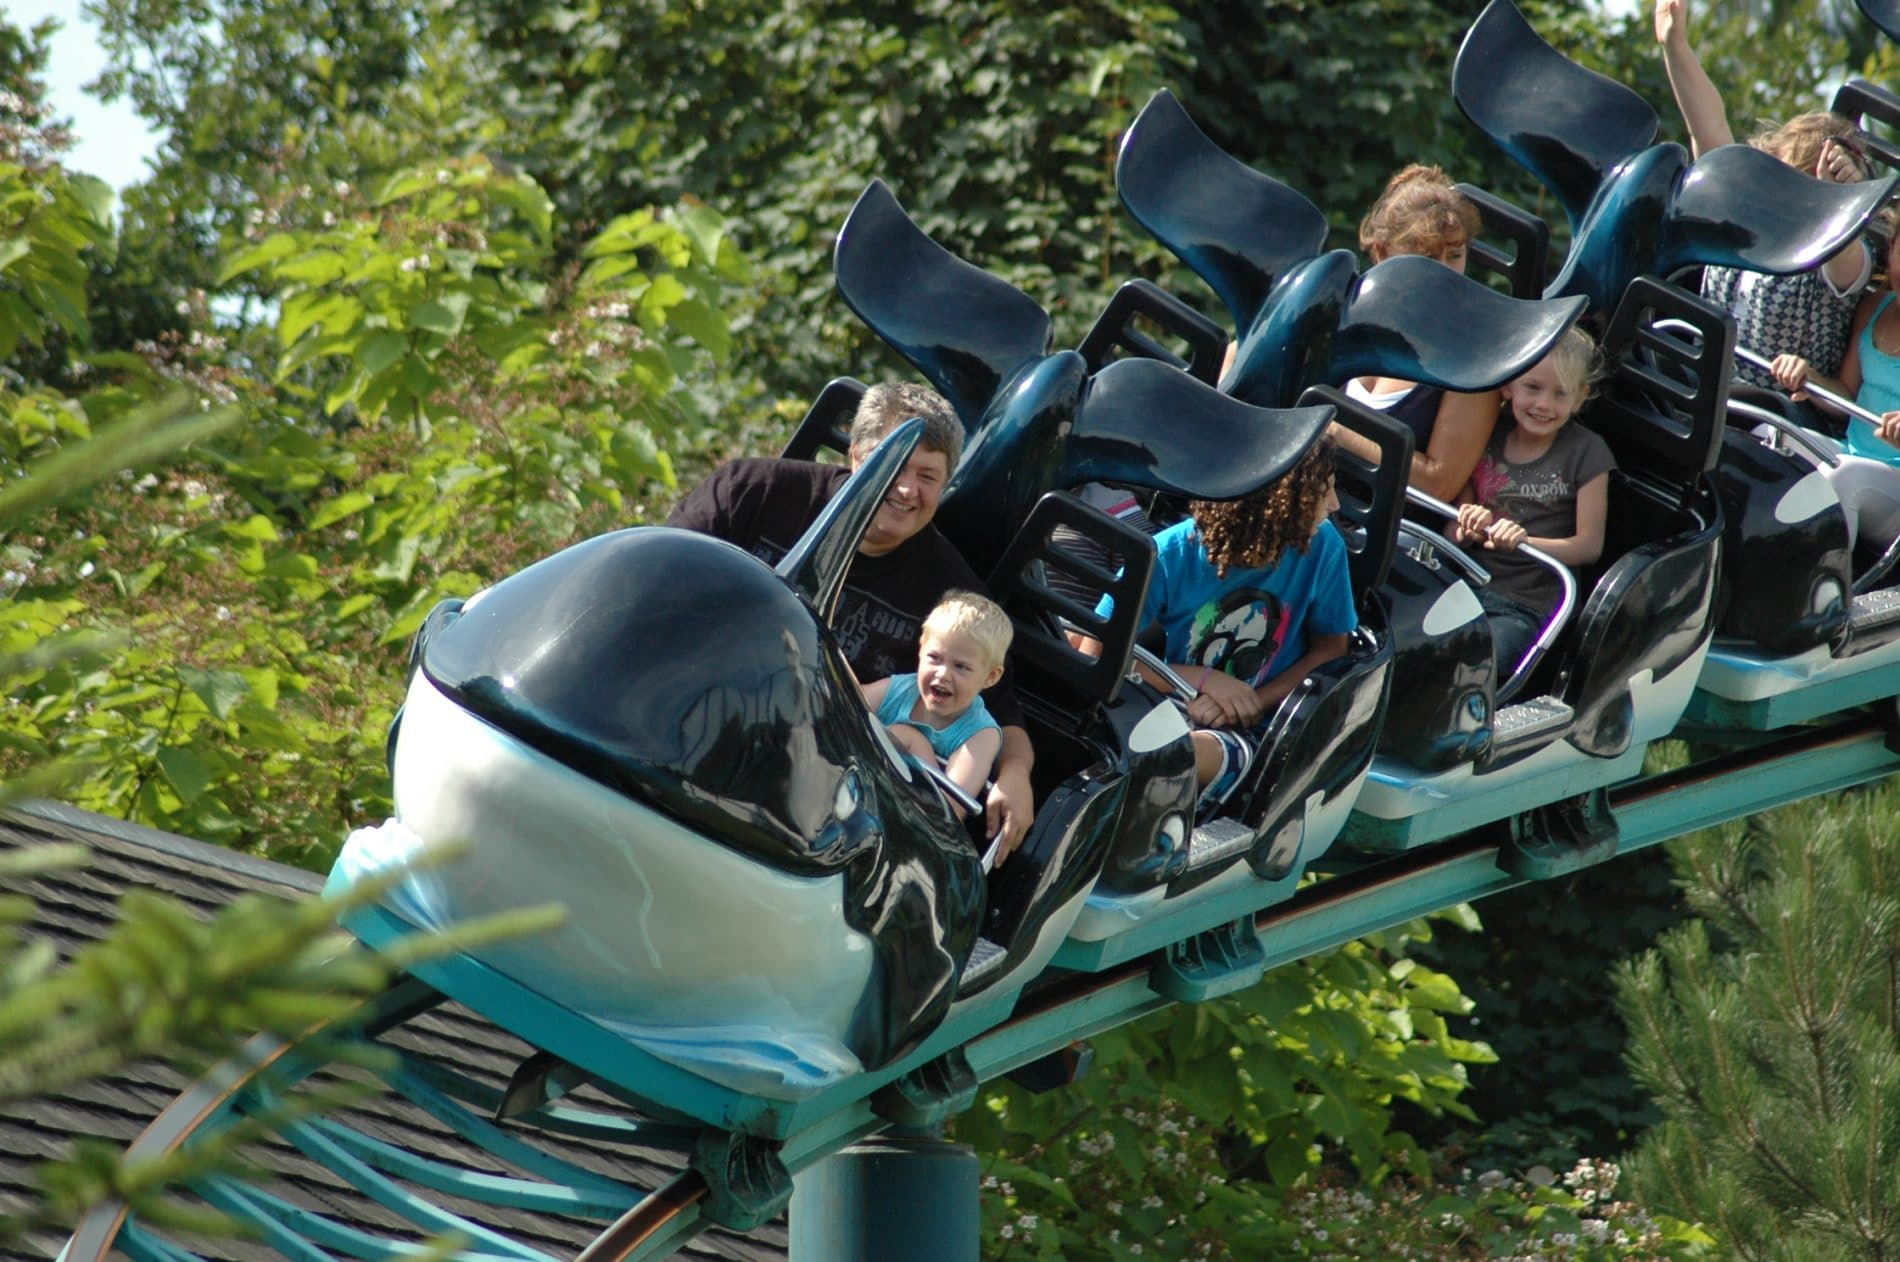 The Orca ride at Boudwijn sea park